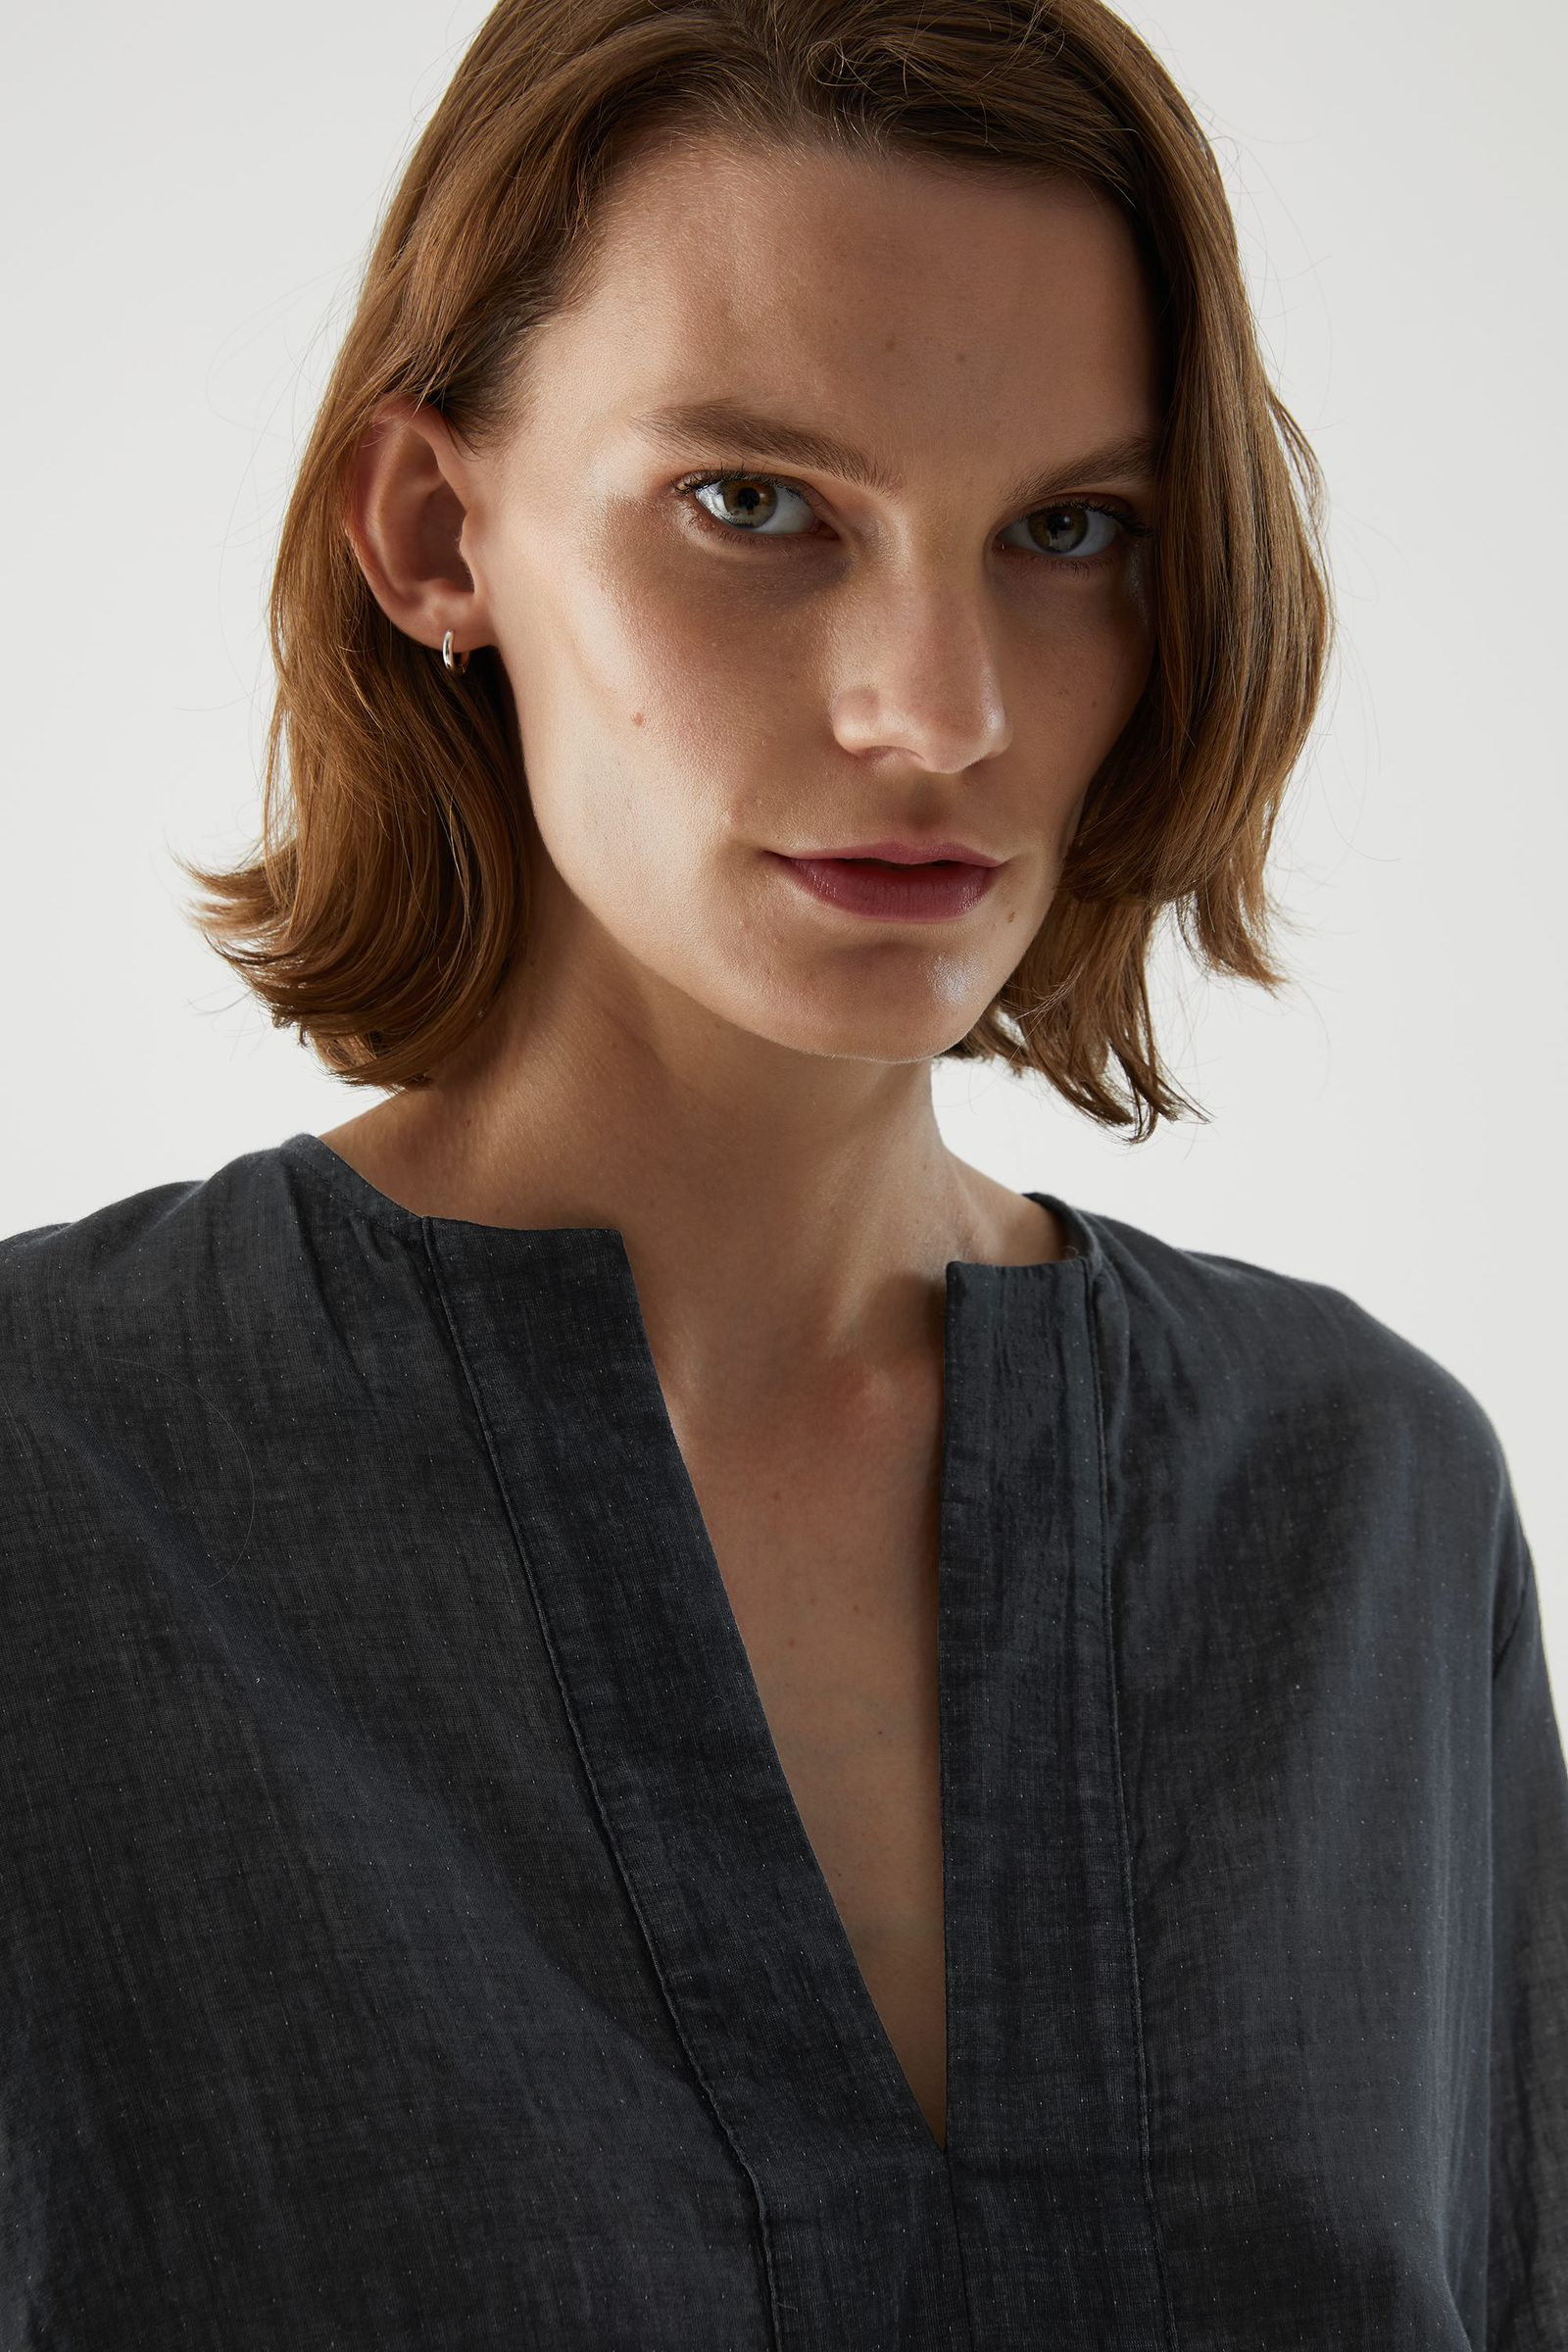 COS 오가닉 코튼 샴브레이 튜닉 스타일 셔츠의 그레이컬러 ECOMLook입니다.